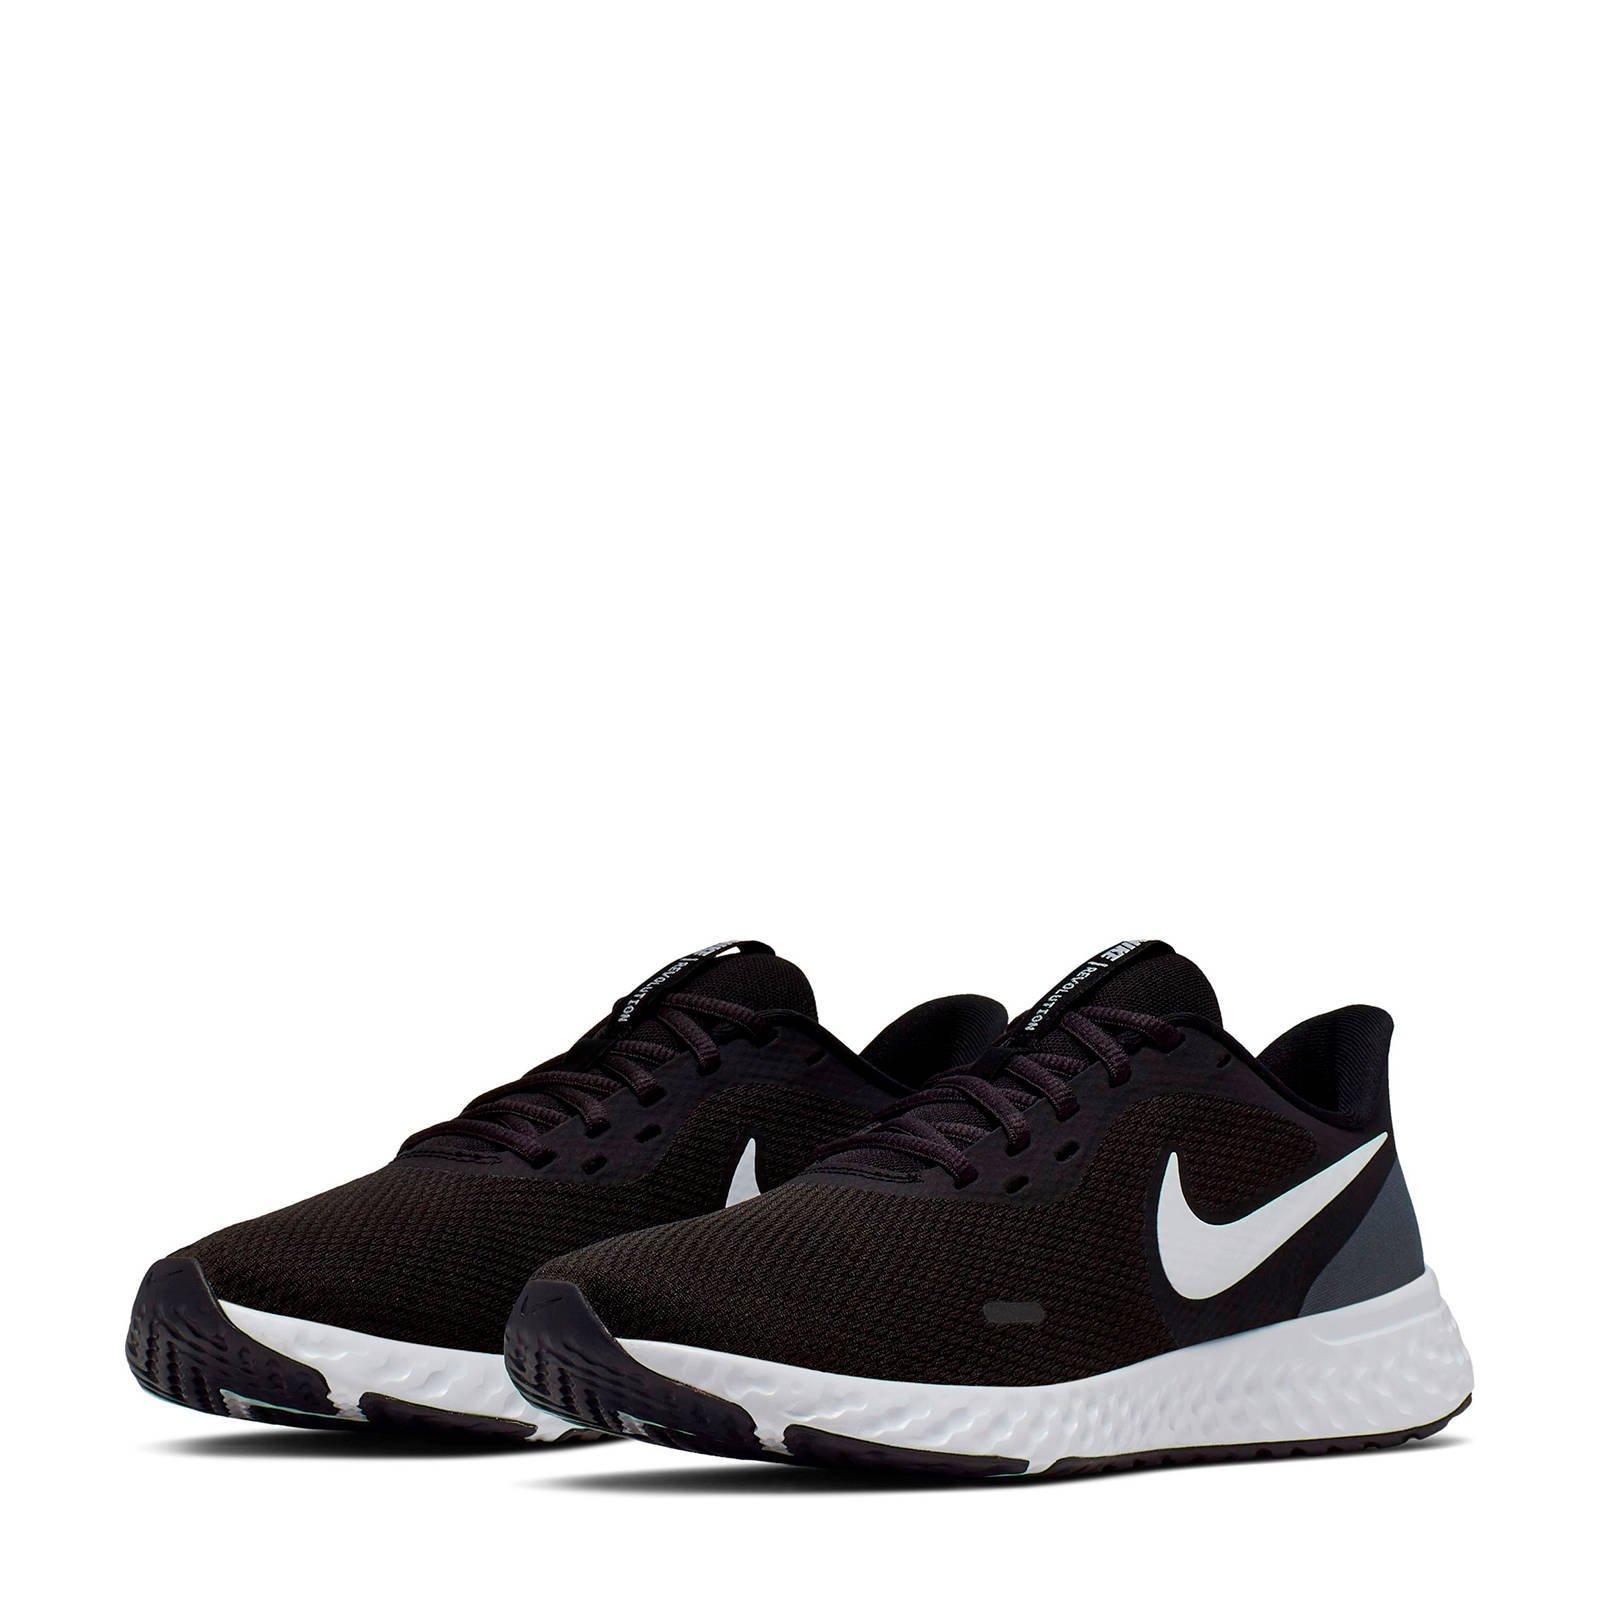 Nike Revolution 5 hardloopschoenen zwartwit | wehkamp